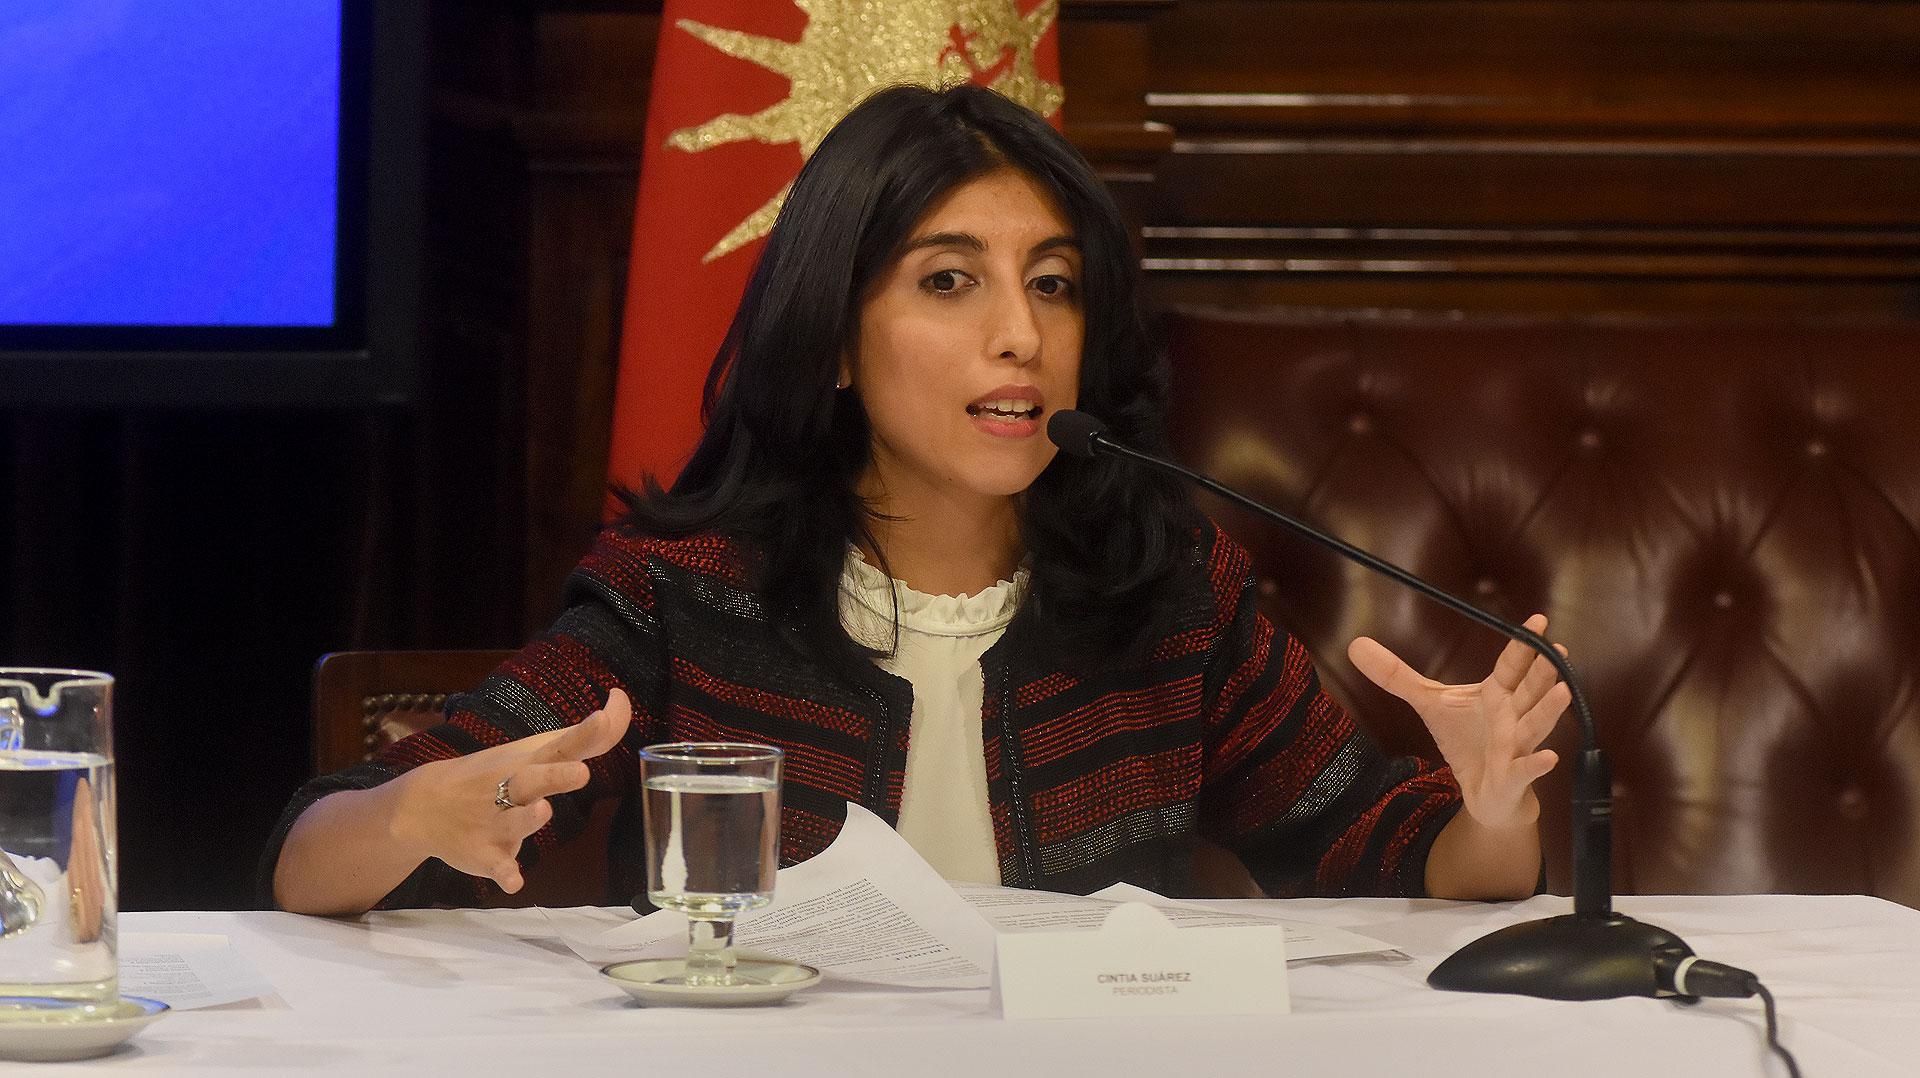 La licenciada Cintia Daniela Suárez escribió su tesis de sobre Mama Antula